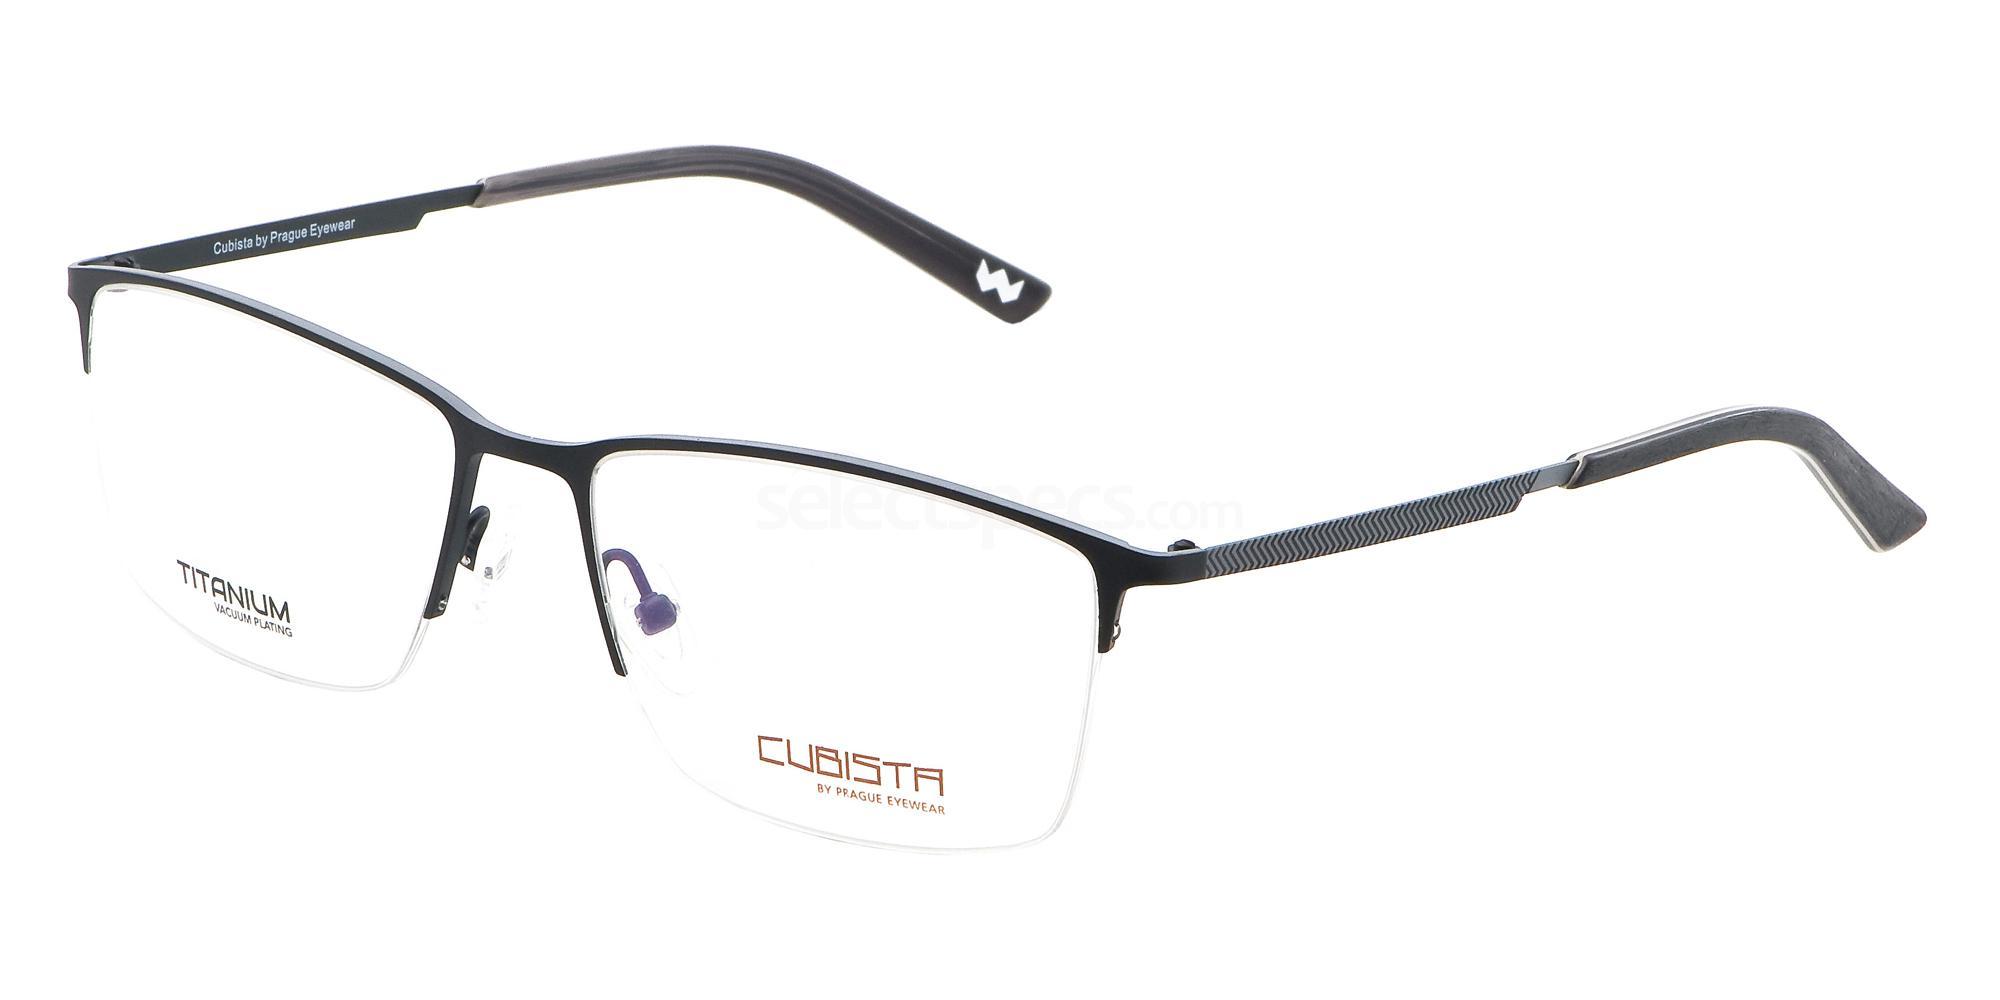 C1 CUB8611 Glasses, Cubista